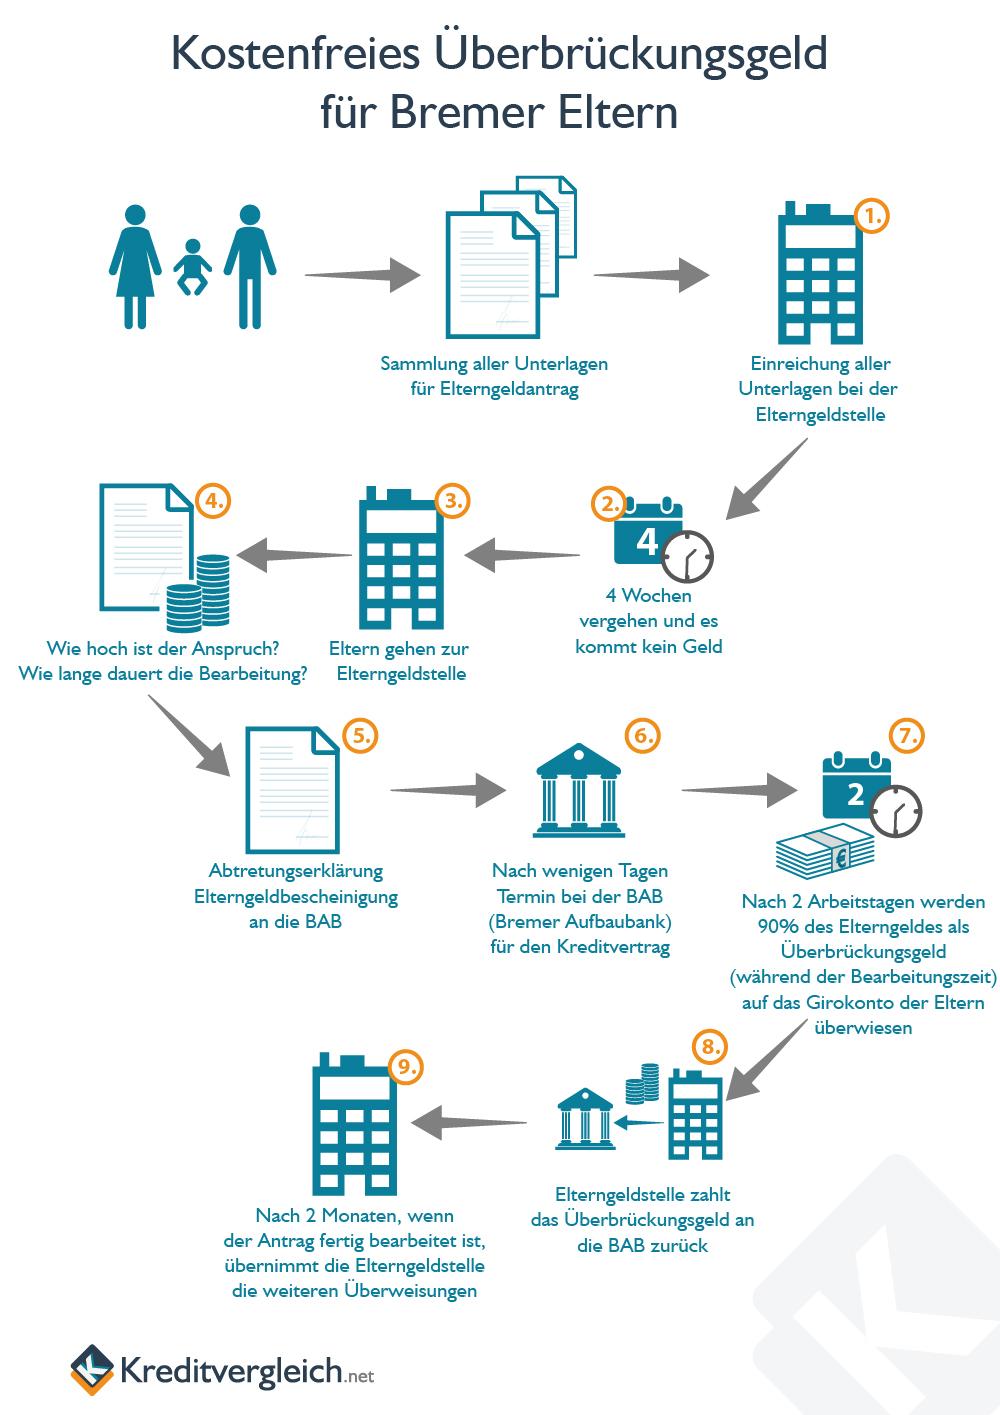 Schematische Darstellung des Ablauf zur Beantragung des Überbrückungsgelds für junge Eltern in Bremen